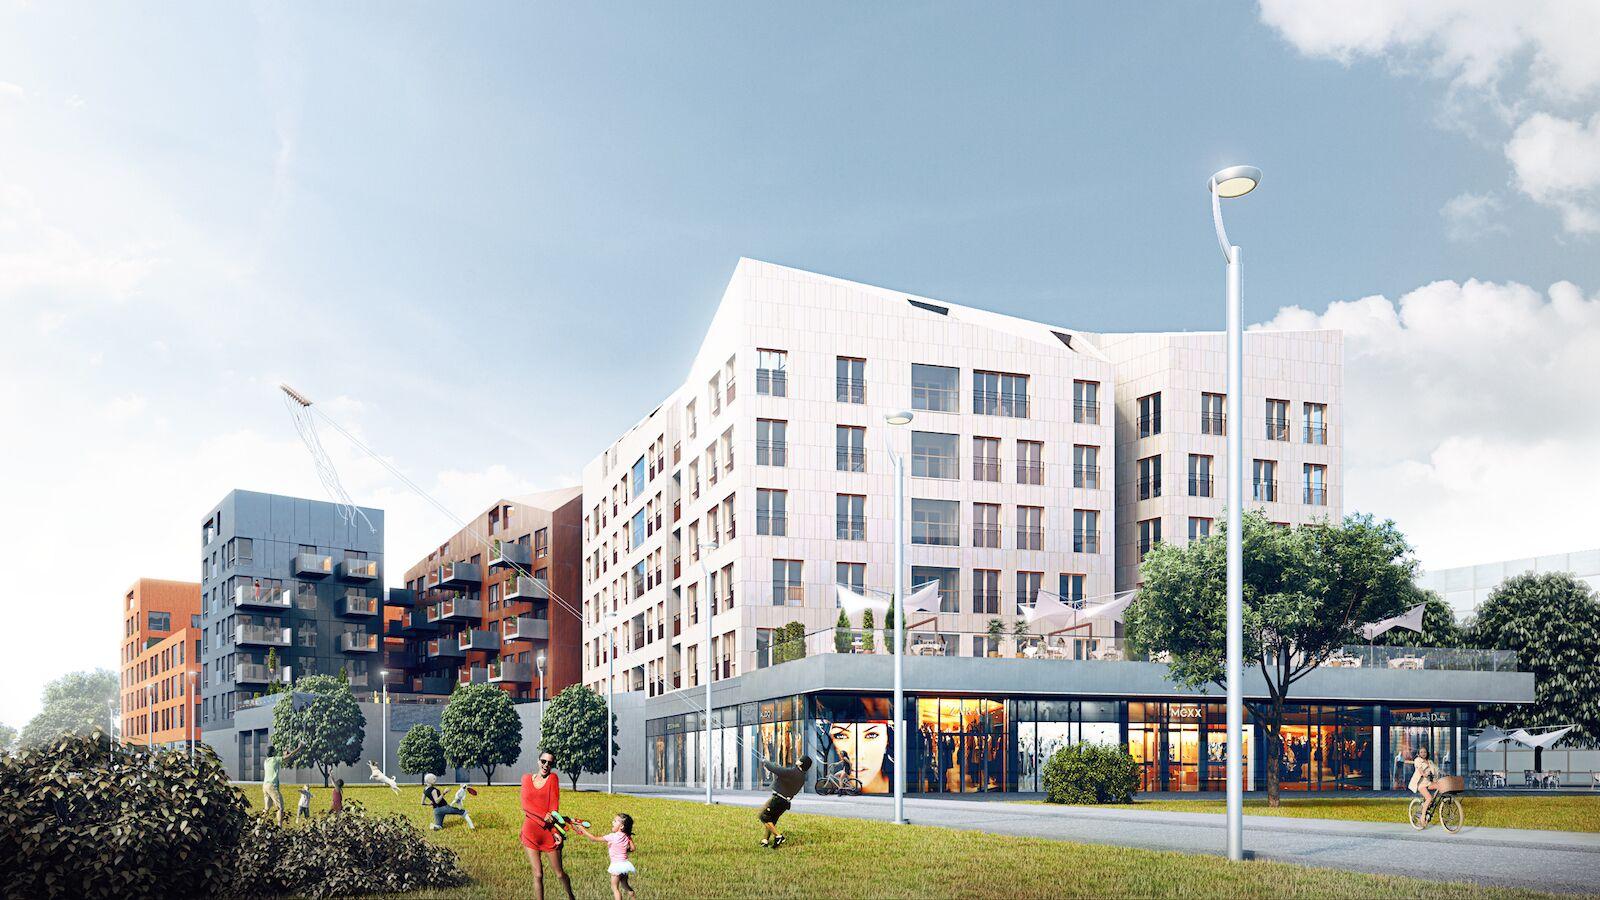 Pressiteade: Promenaadi majas valmis uue linnasüdame esimene korter